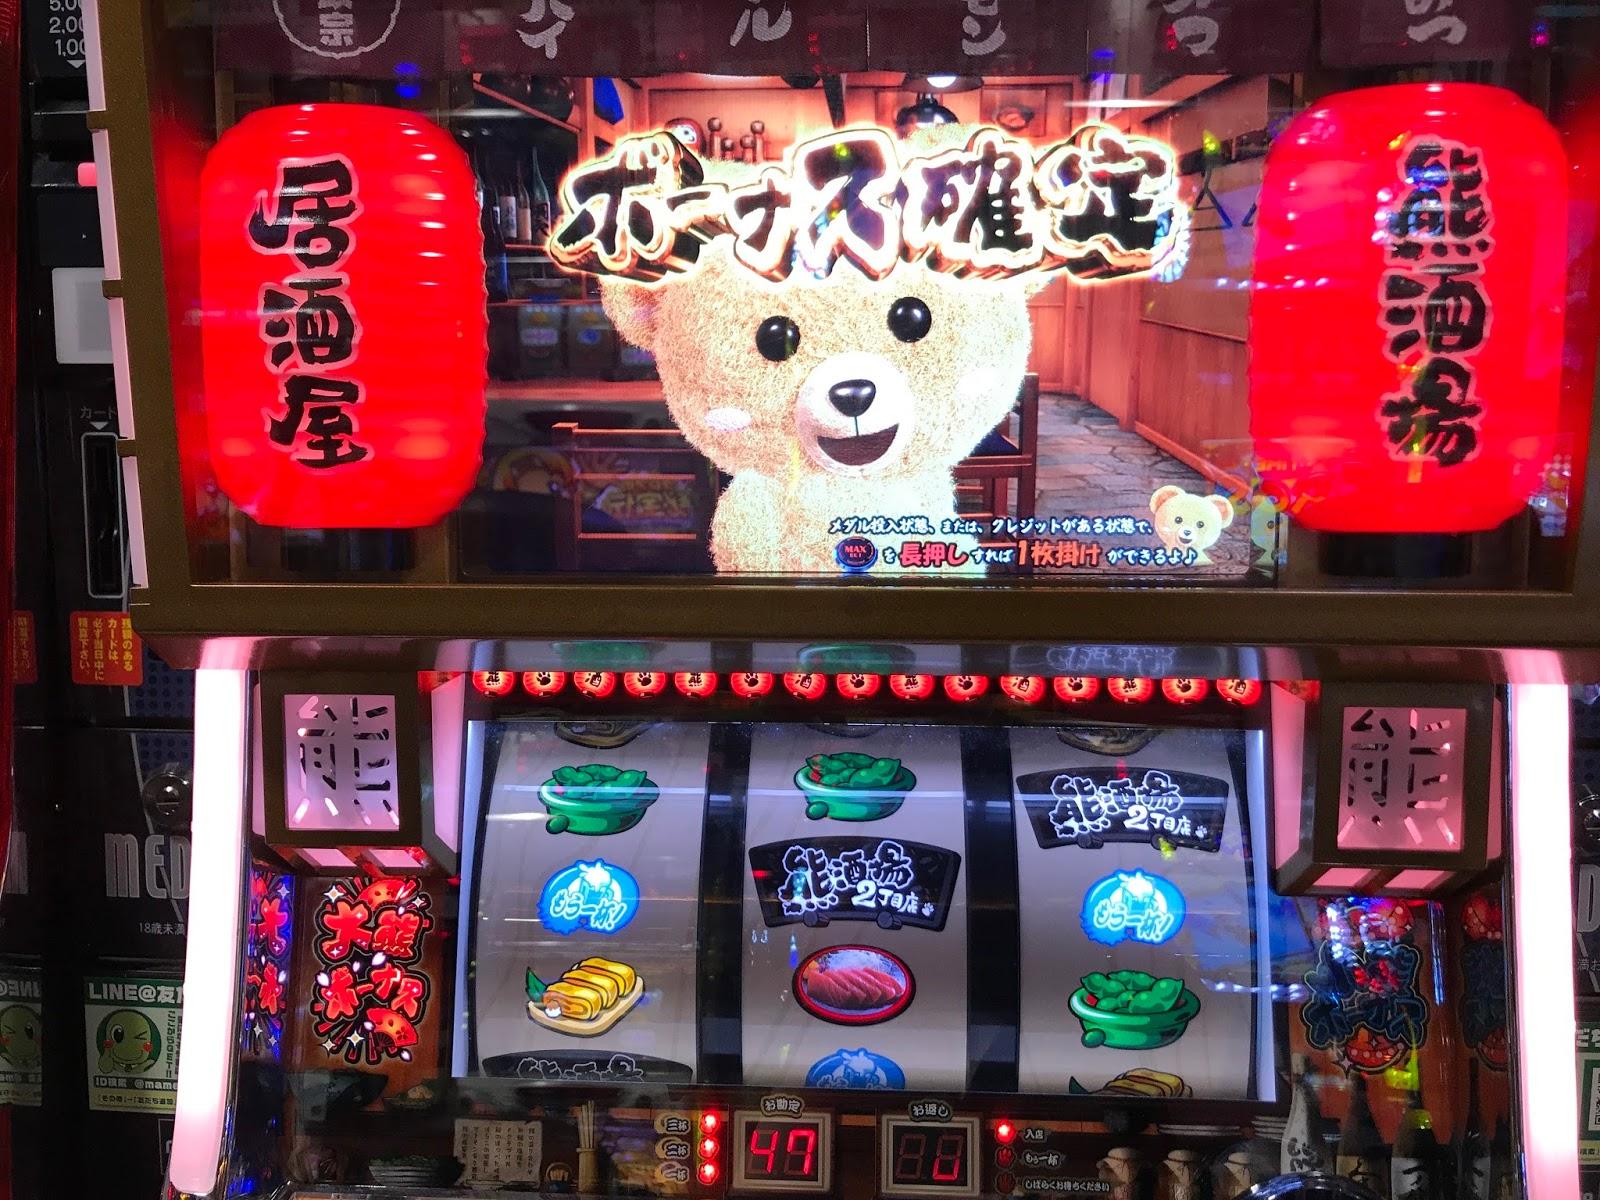 ガチバトル!初代バジリスクvs熊酒場二丁目店【ガ珍古グリン ...